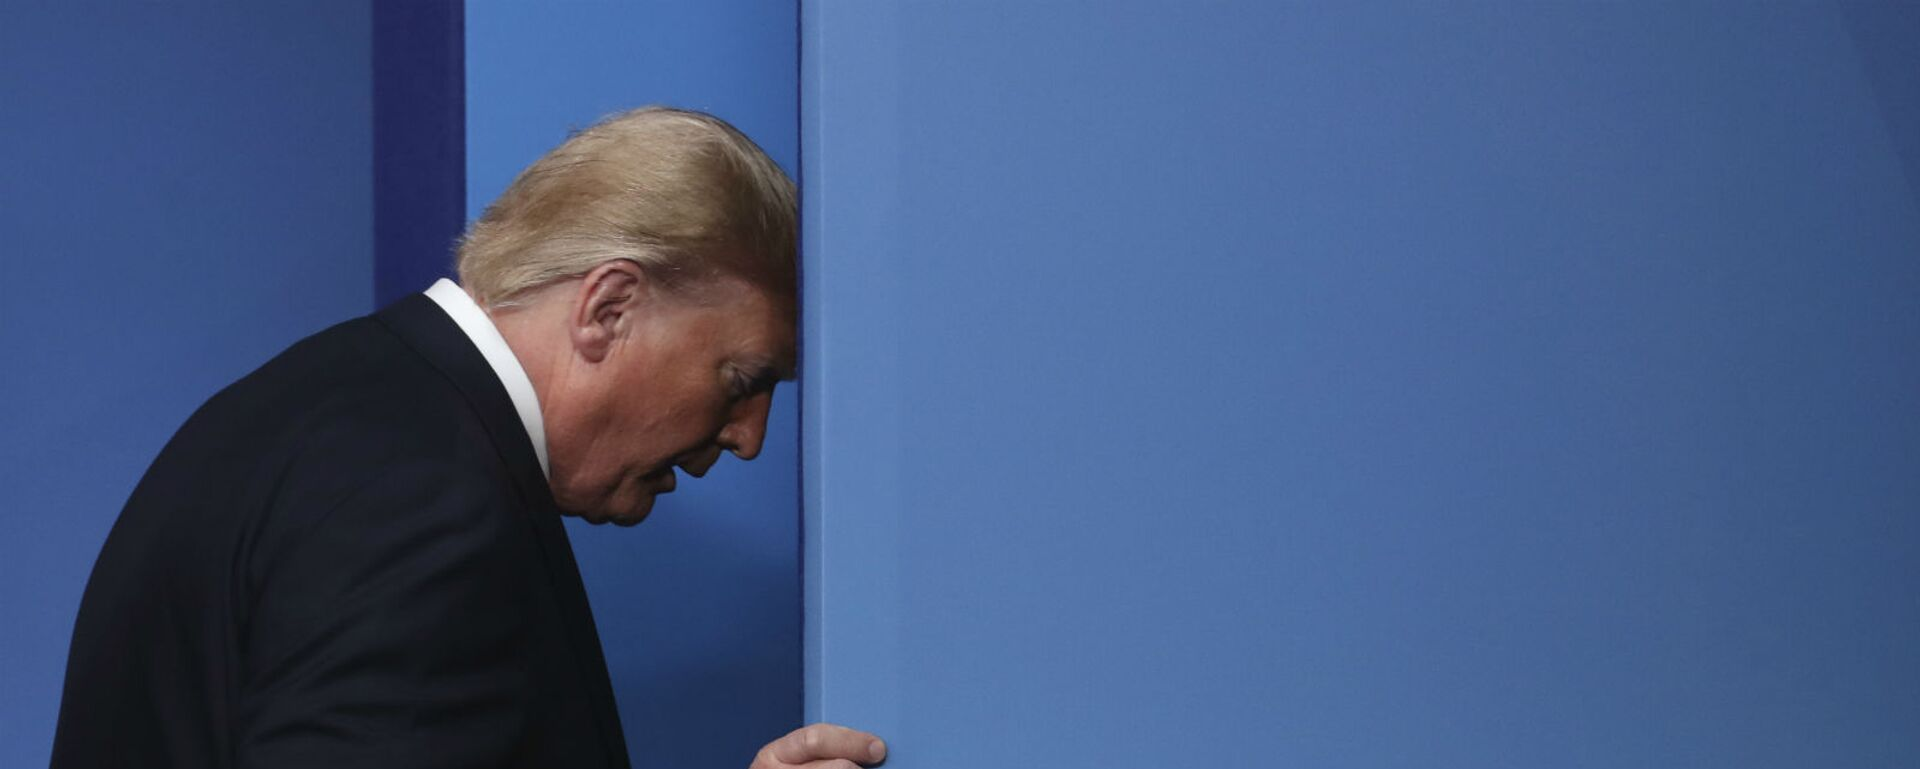 Президент США Дональд Трамп во время встречи лидеров НАТО в отеле и на курорте The Grove в Уотфорде (4 декабря 2019). Англия - Sputnik Արմենիա, 1920, 16.09.2021